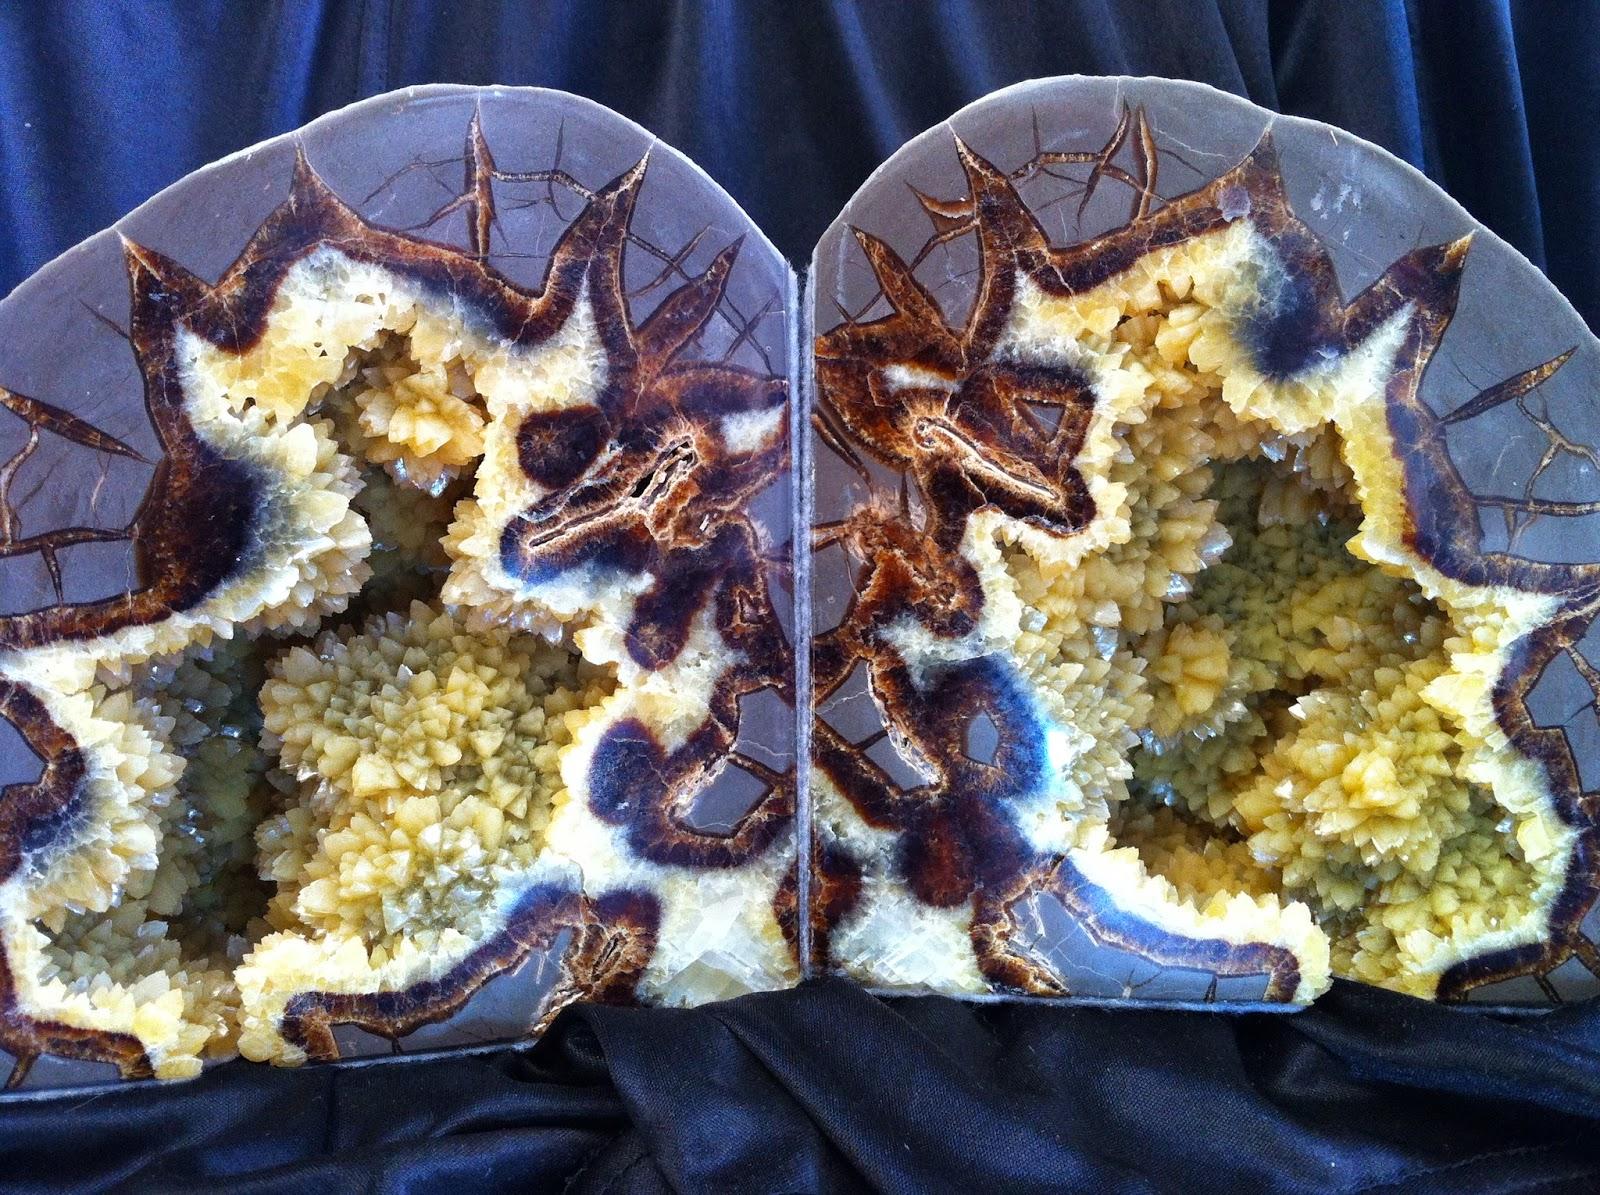 Geodes (Non-Keokuk) | Bill's Rockhound Blog